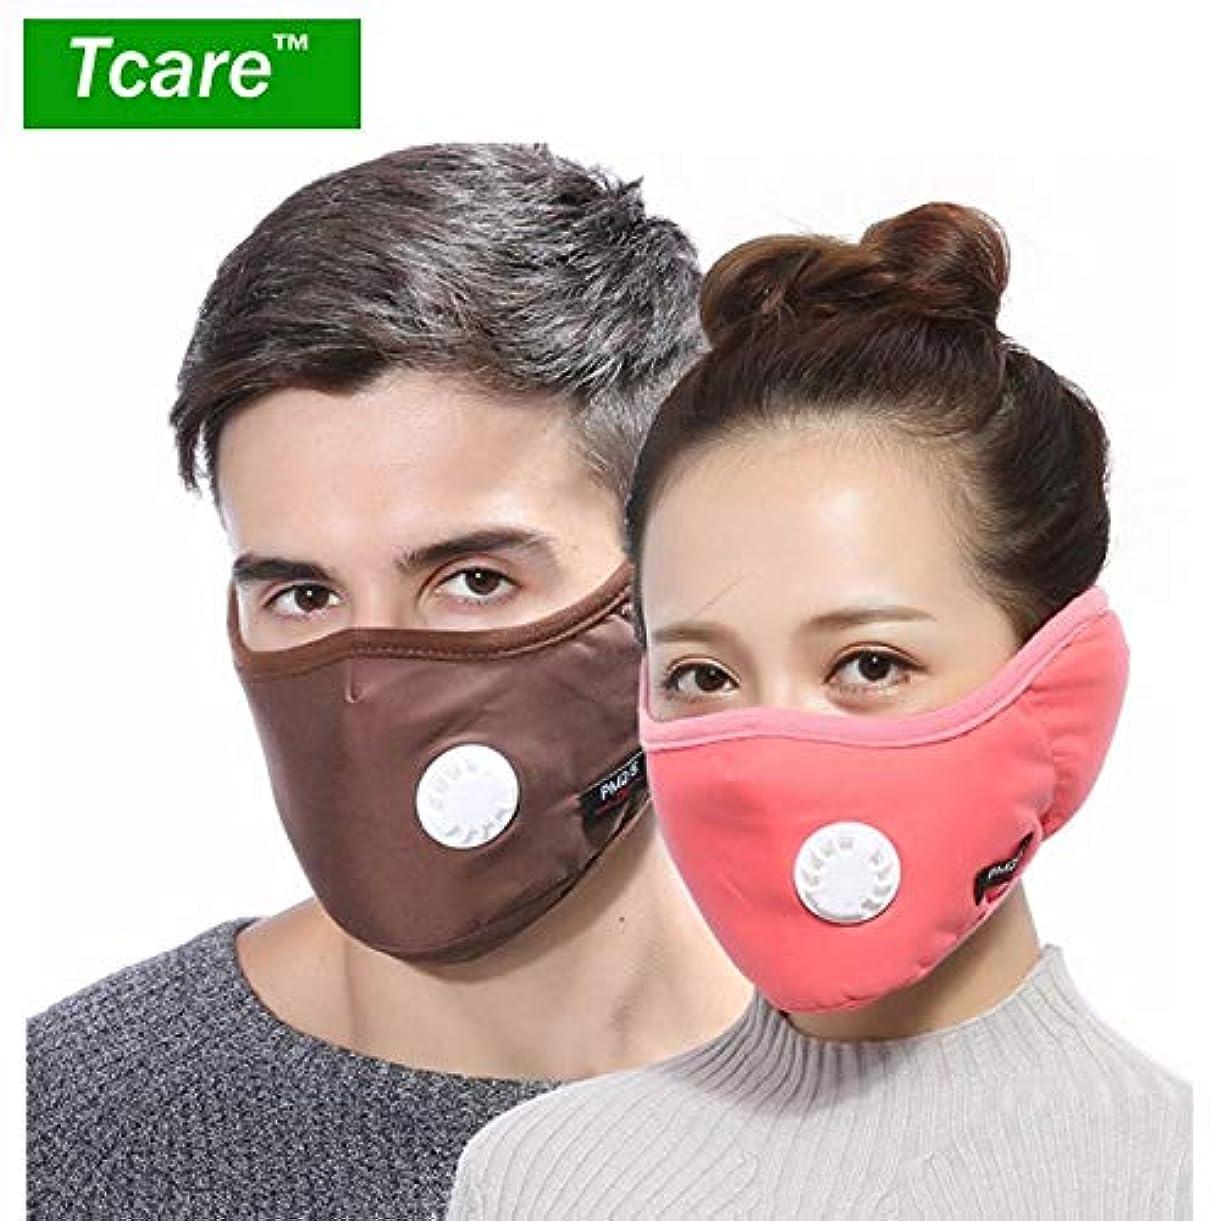 知り合いになる違法泣き叫ぶTcare 2 1におけるPM2.5マスクバルブコットンアンチダスト口マスクの冬のイヤーマフActtedフィルター付マスク:9アーミーグリーン